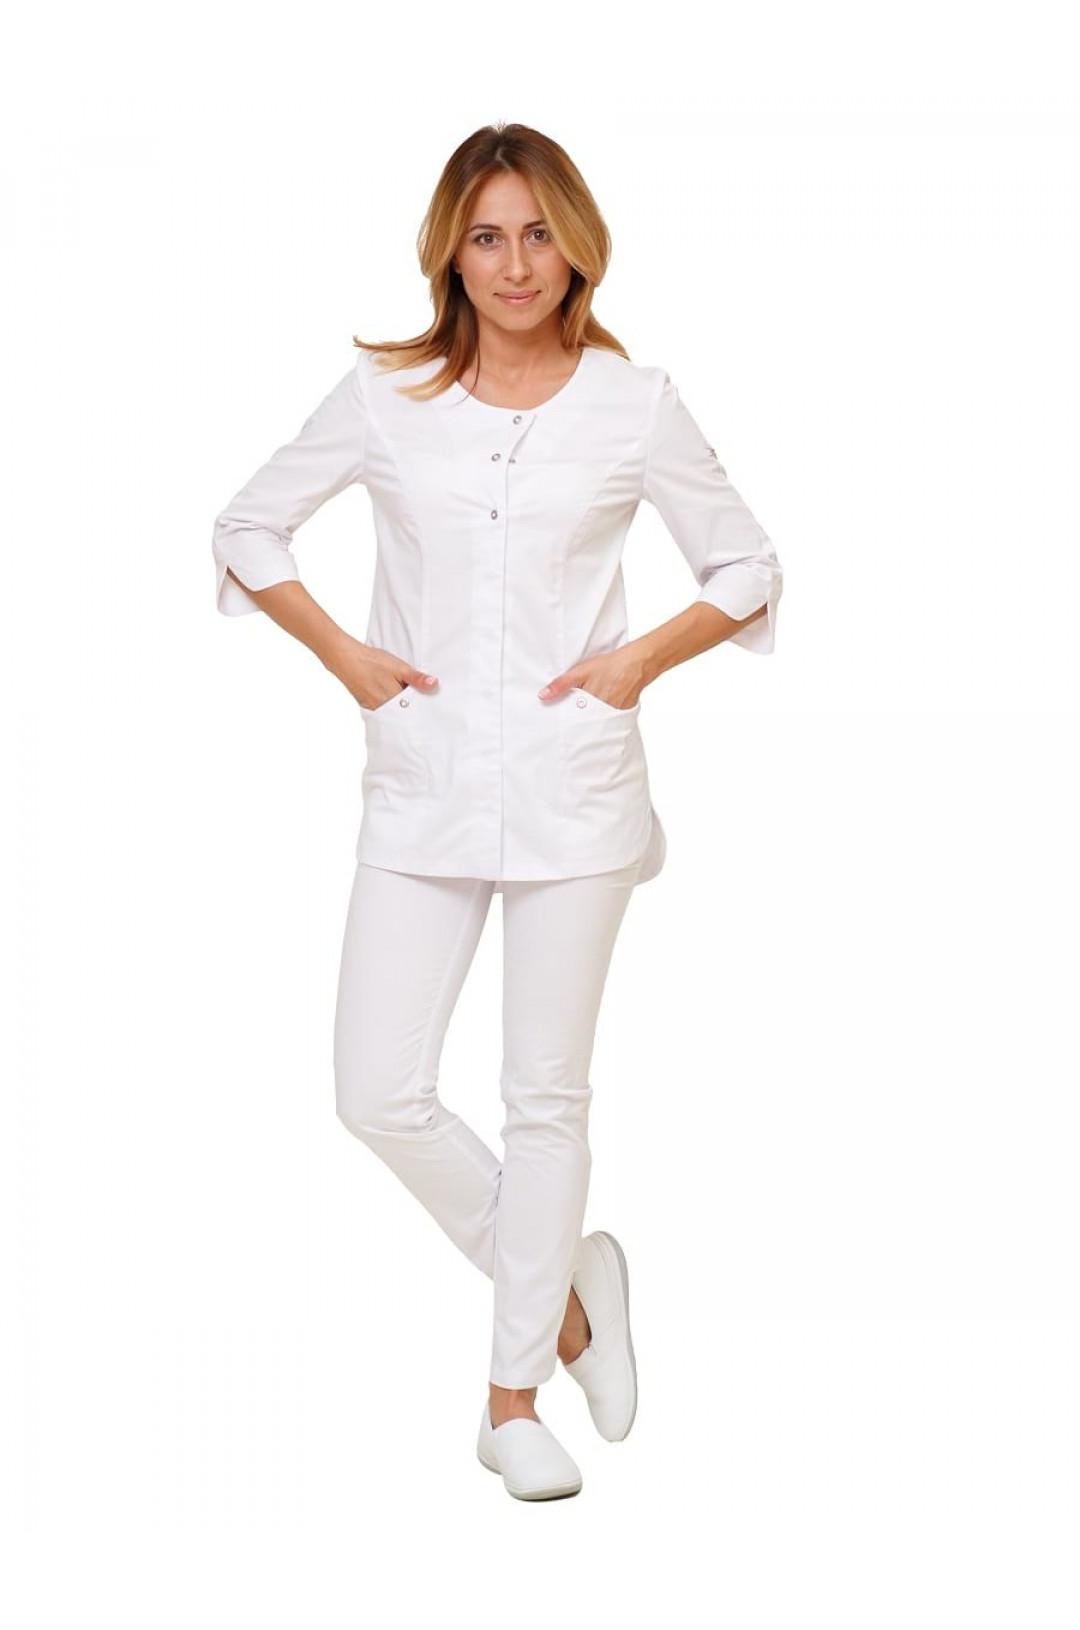 Куртка медицинская женская Н-012 (белый, стрейч)